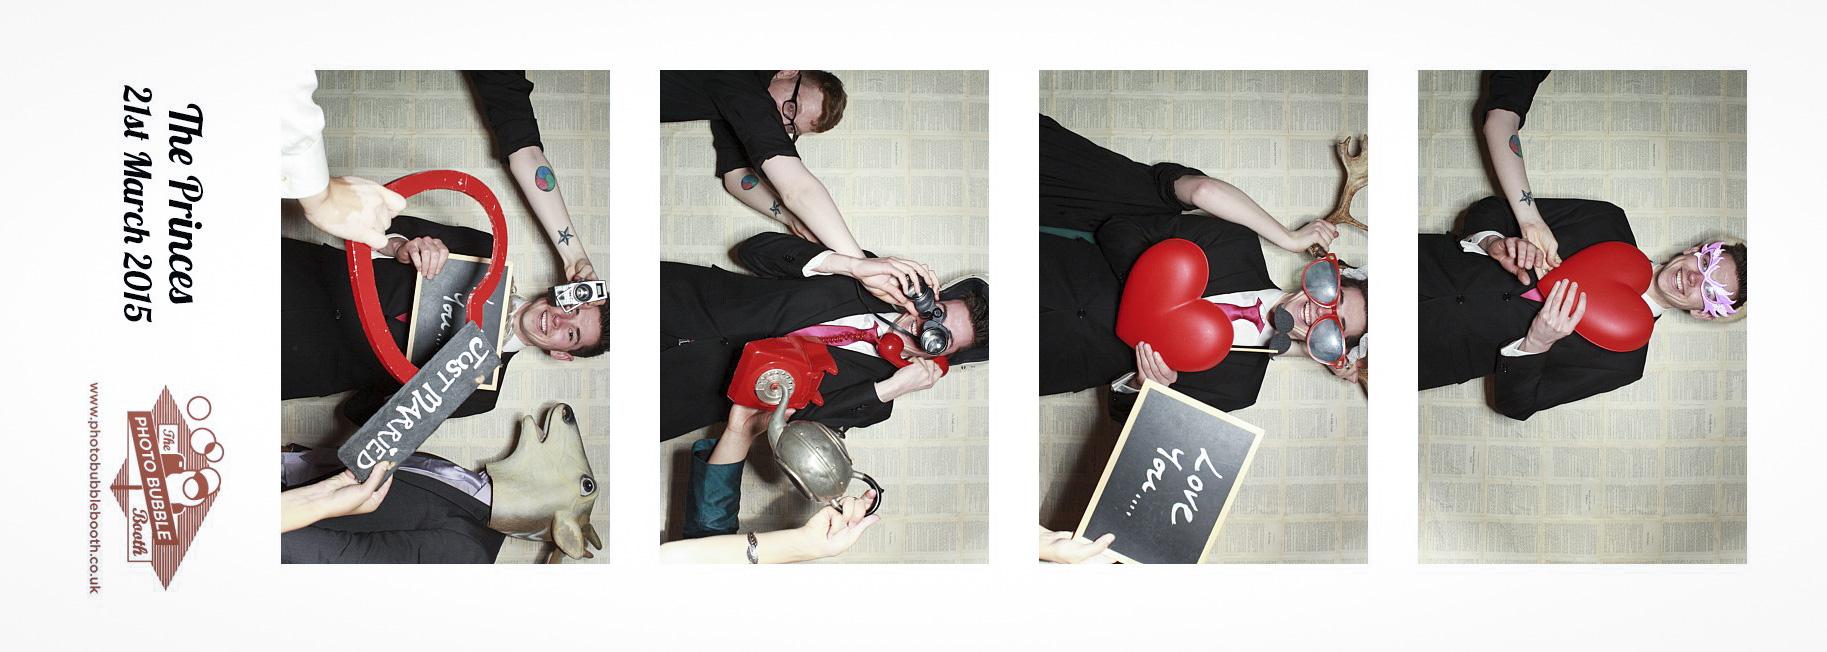 Jay & Andrew Photobubble booth_51.JPG